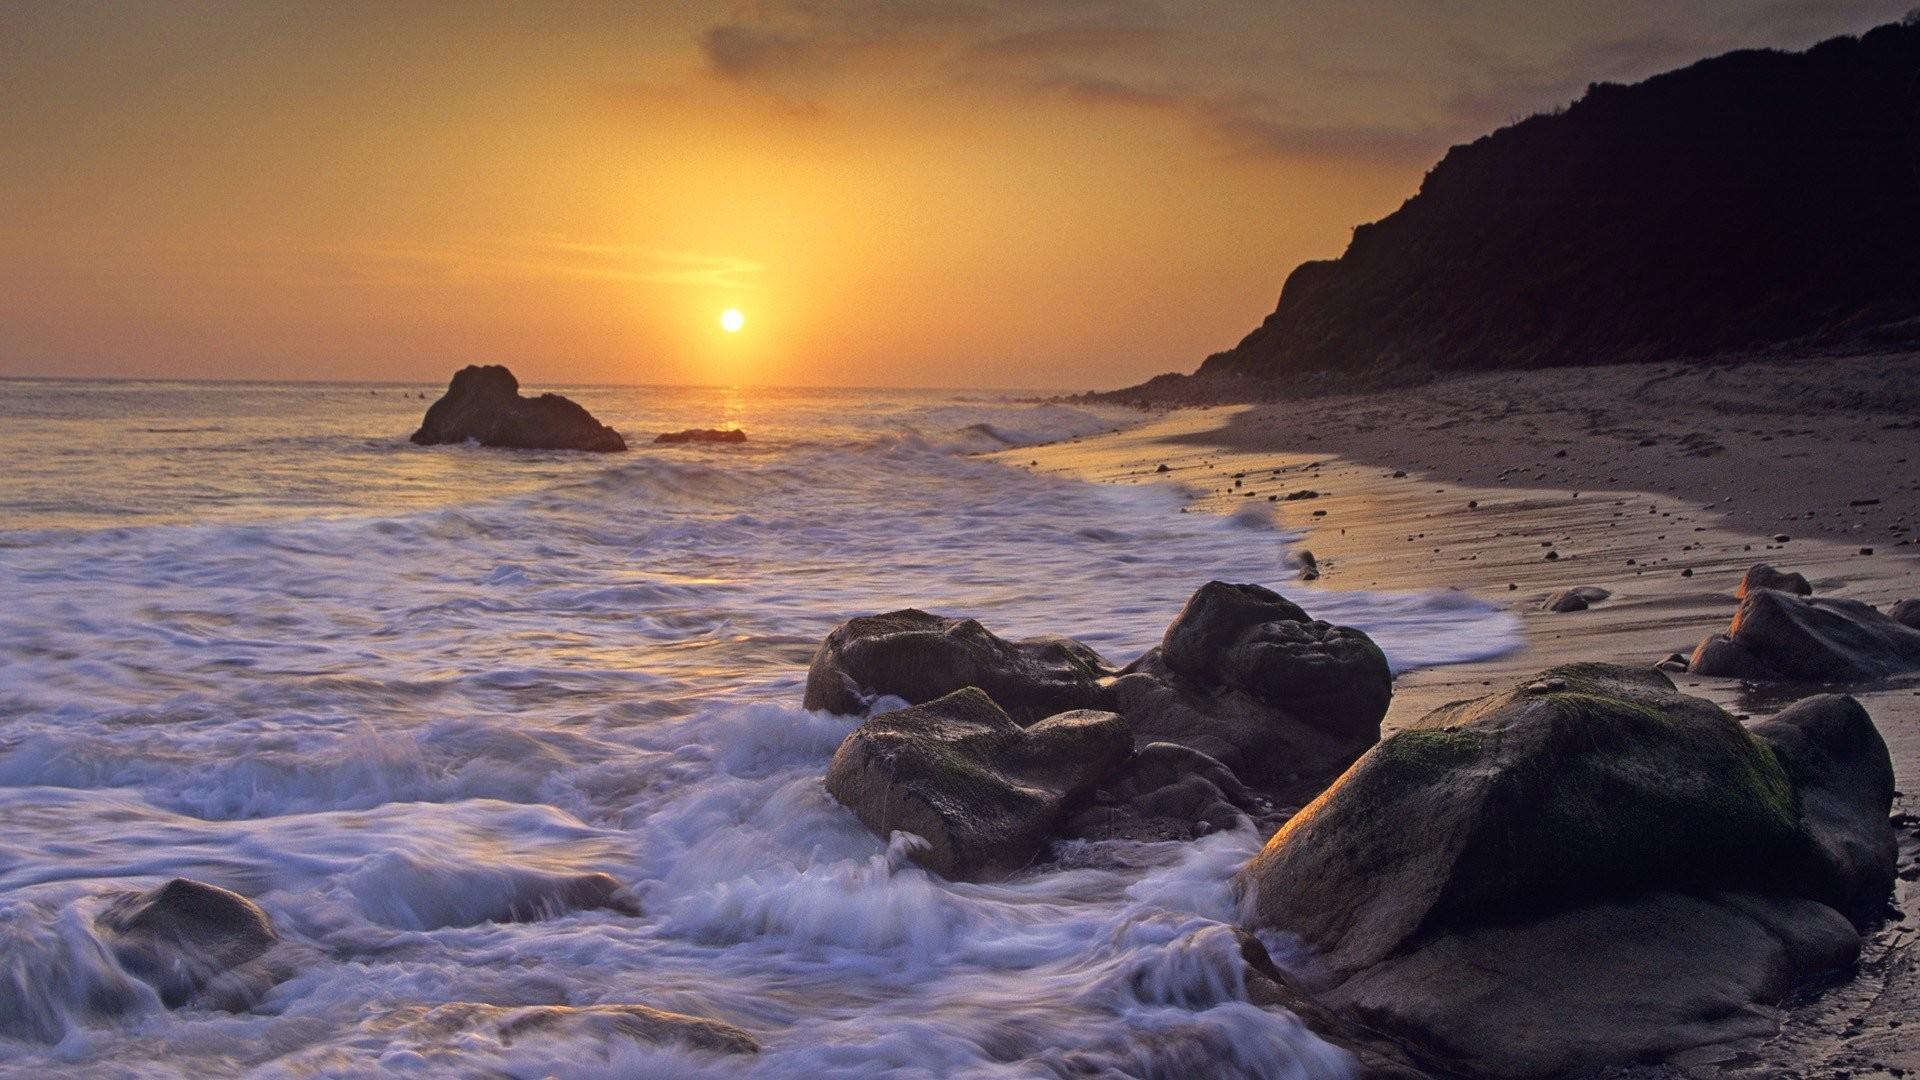 1920x1080 California Beaches HD Wallpaper